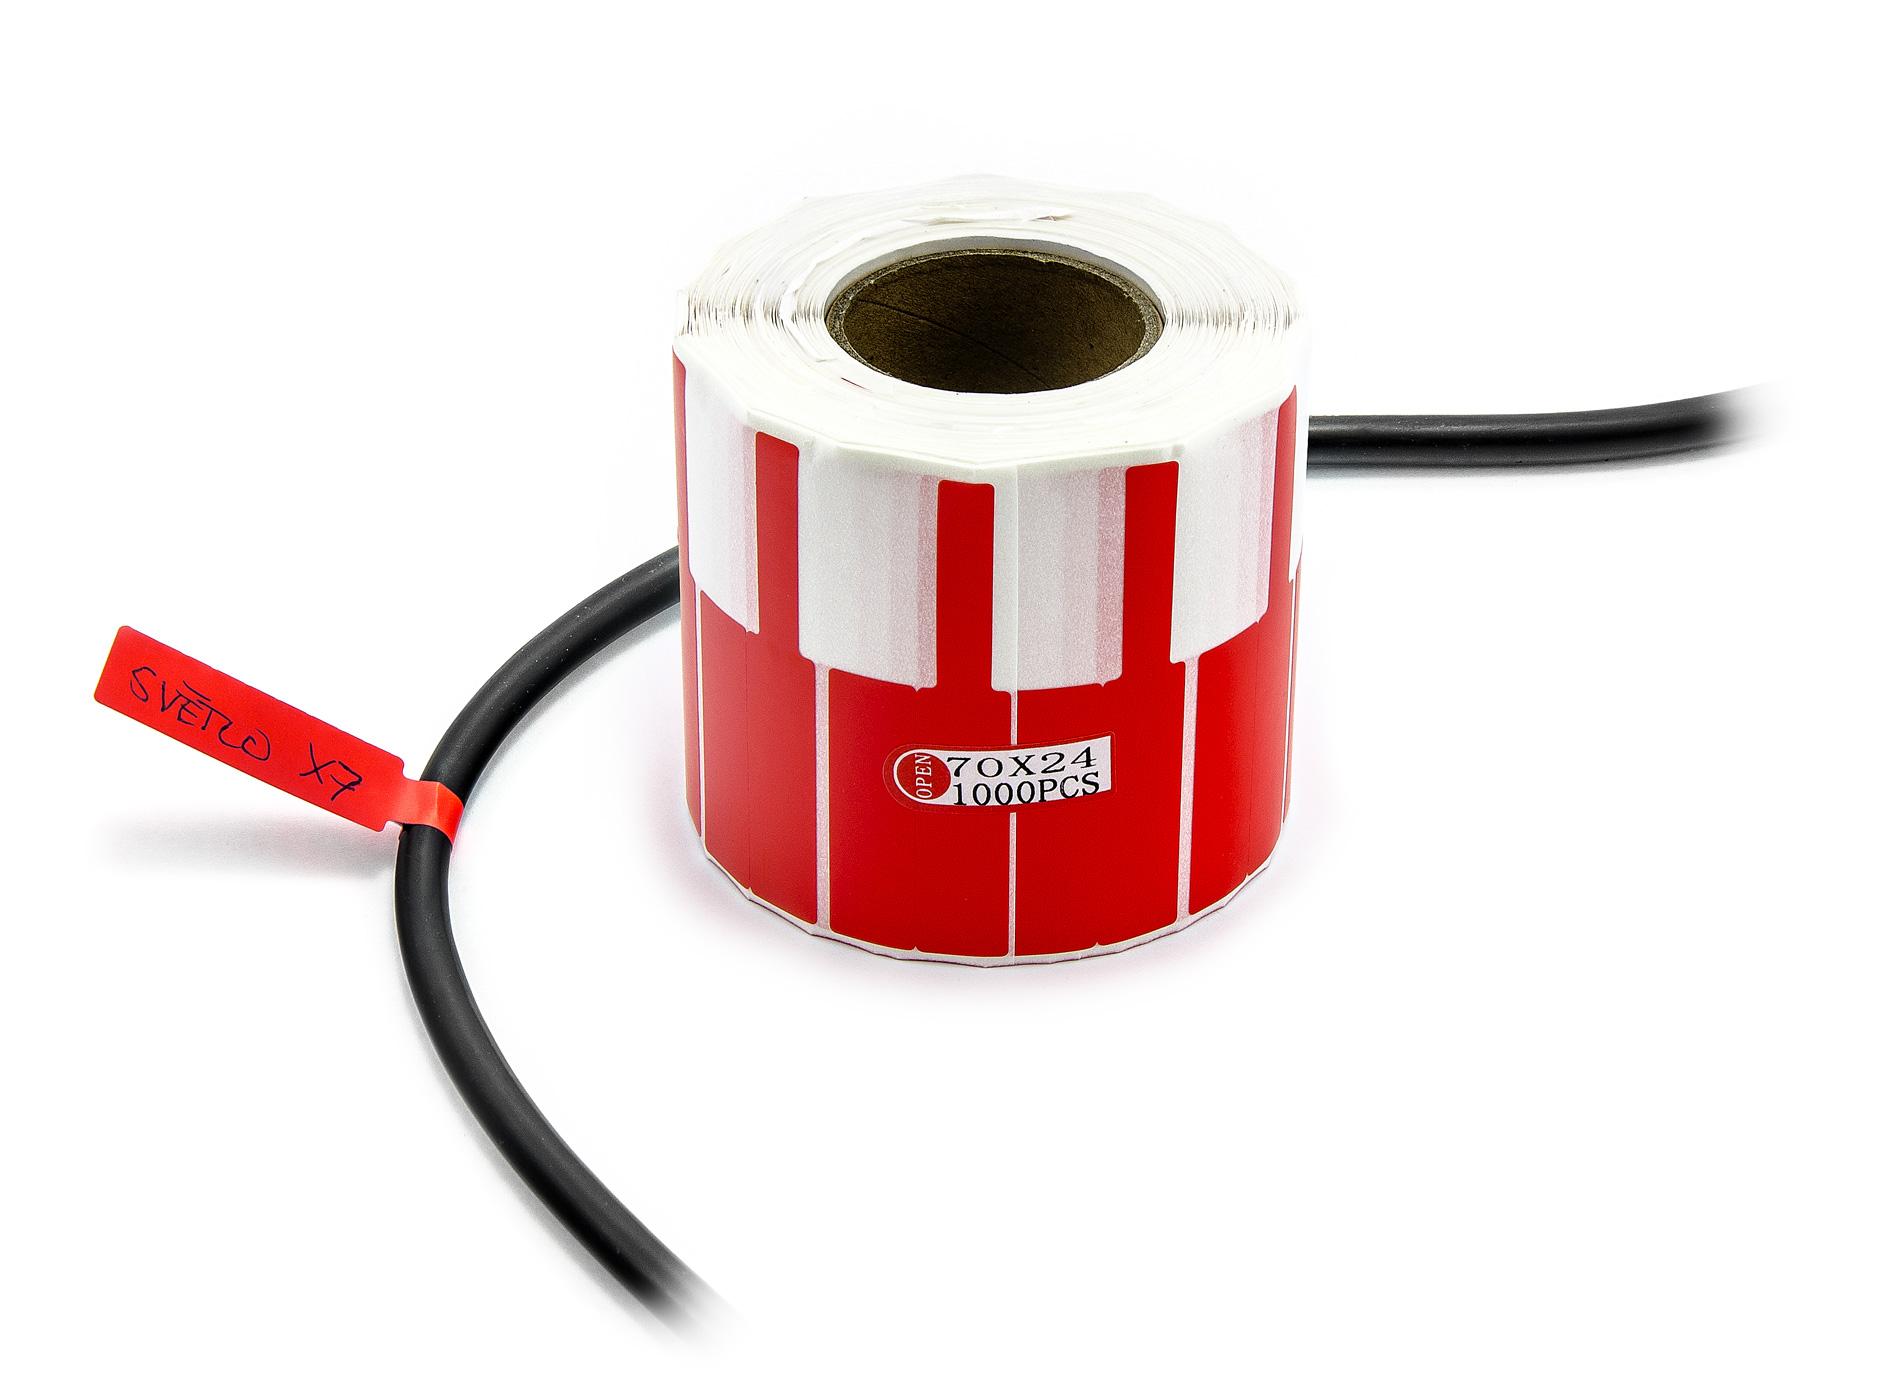 Samolepící štítky k popisování kabelů a drátů 1000ks červené